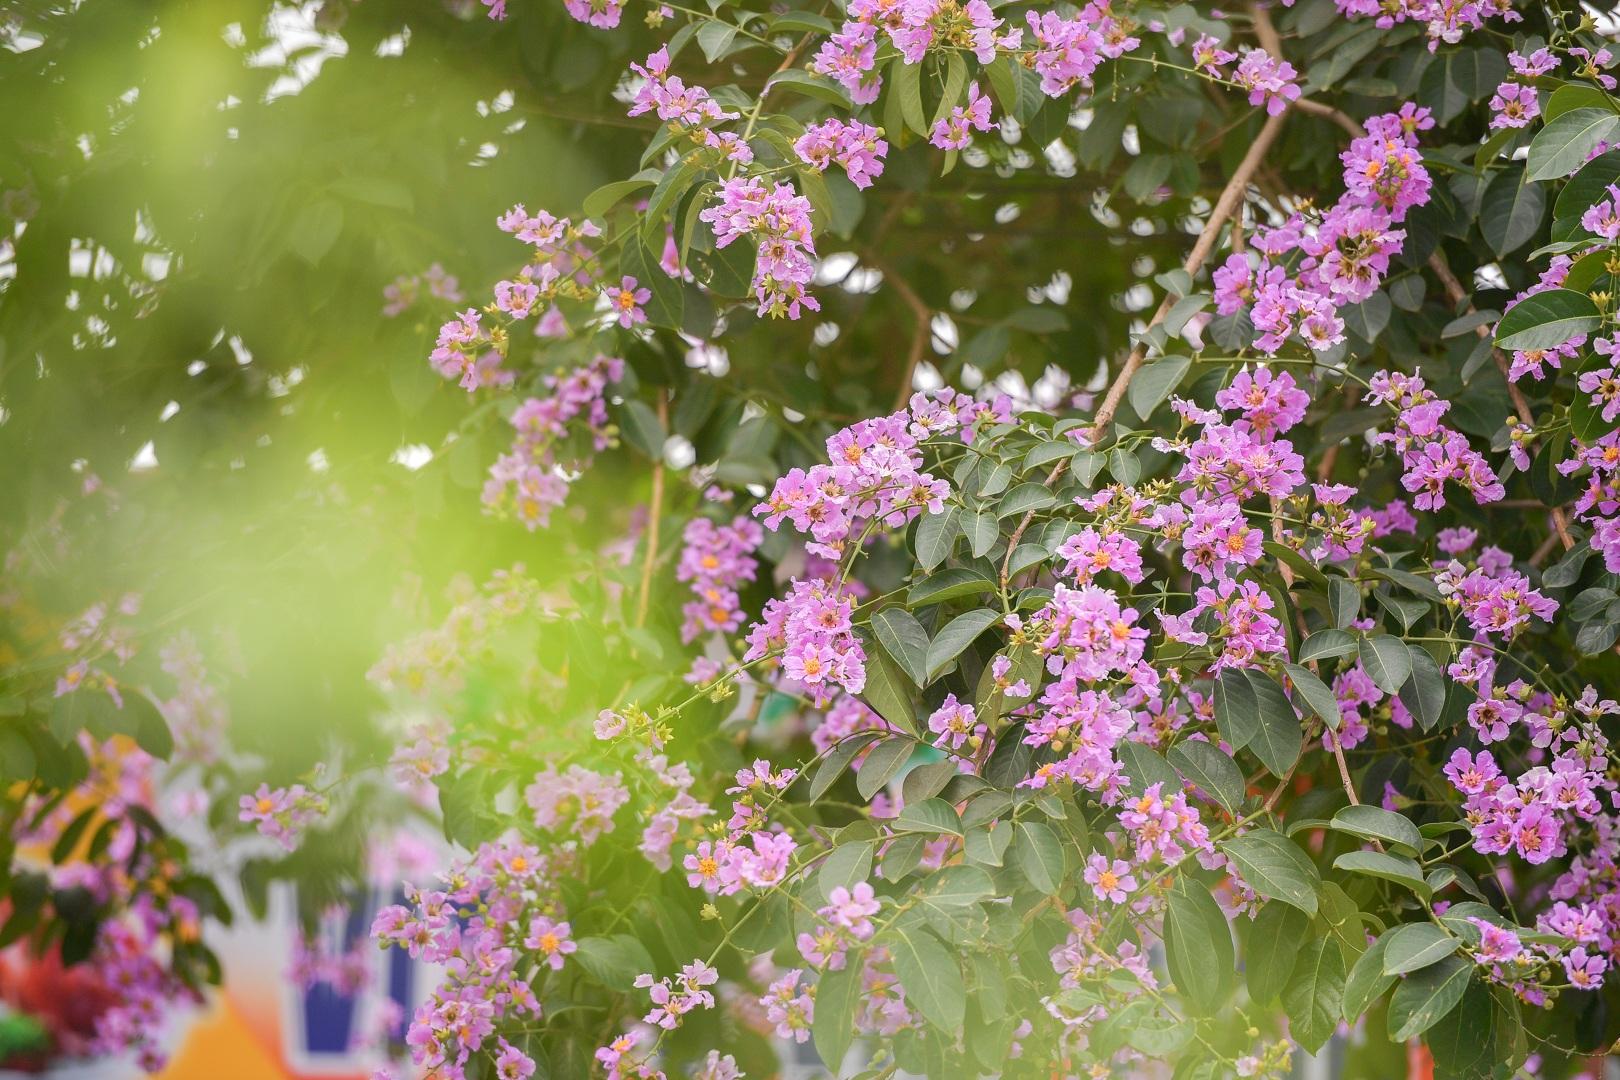 Hoa bằng lăng mộng mơ nhuộm tím đường phố Hà Nội - 2